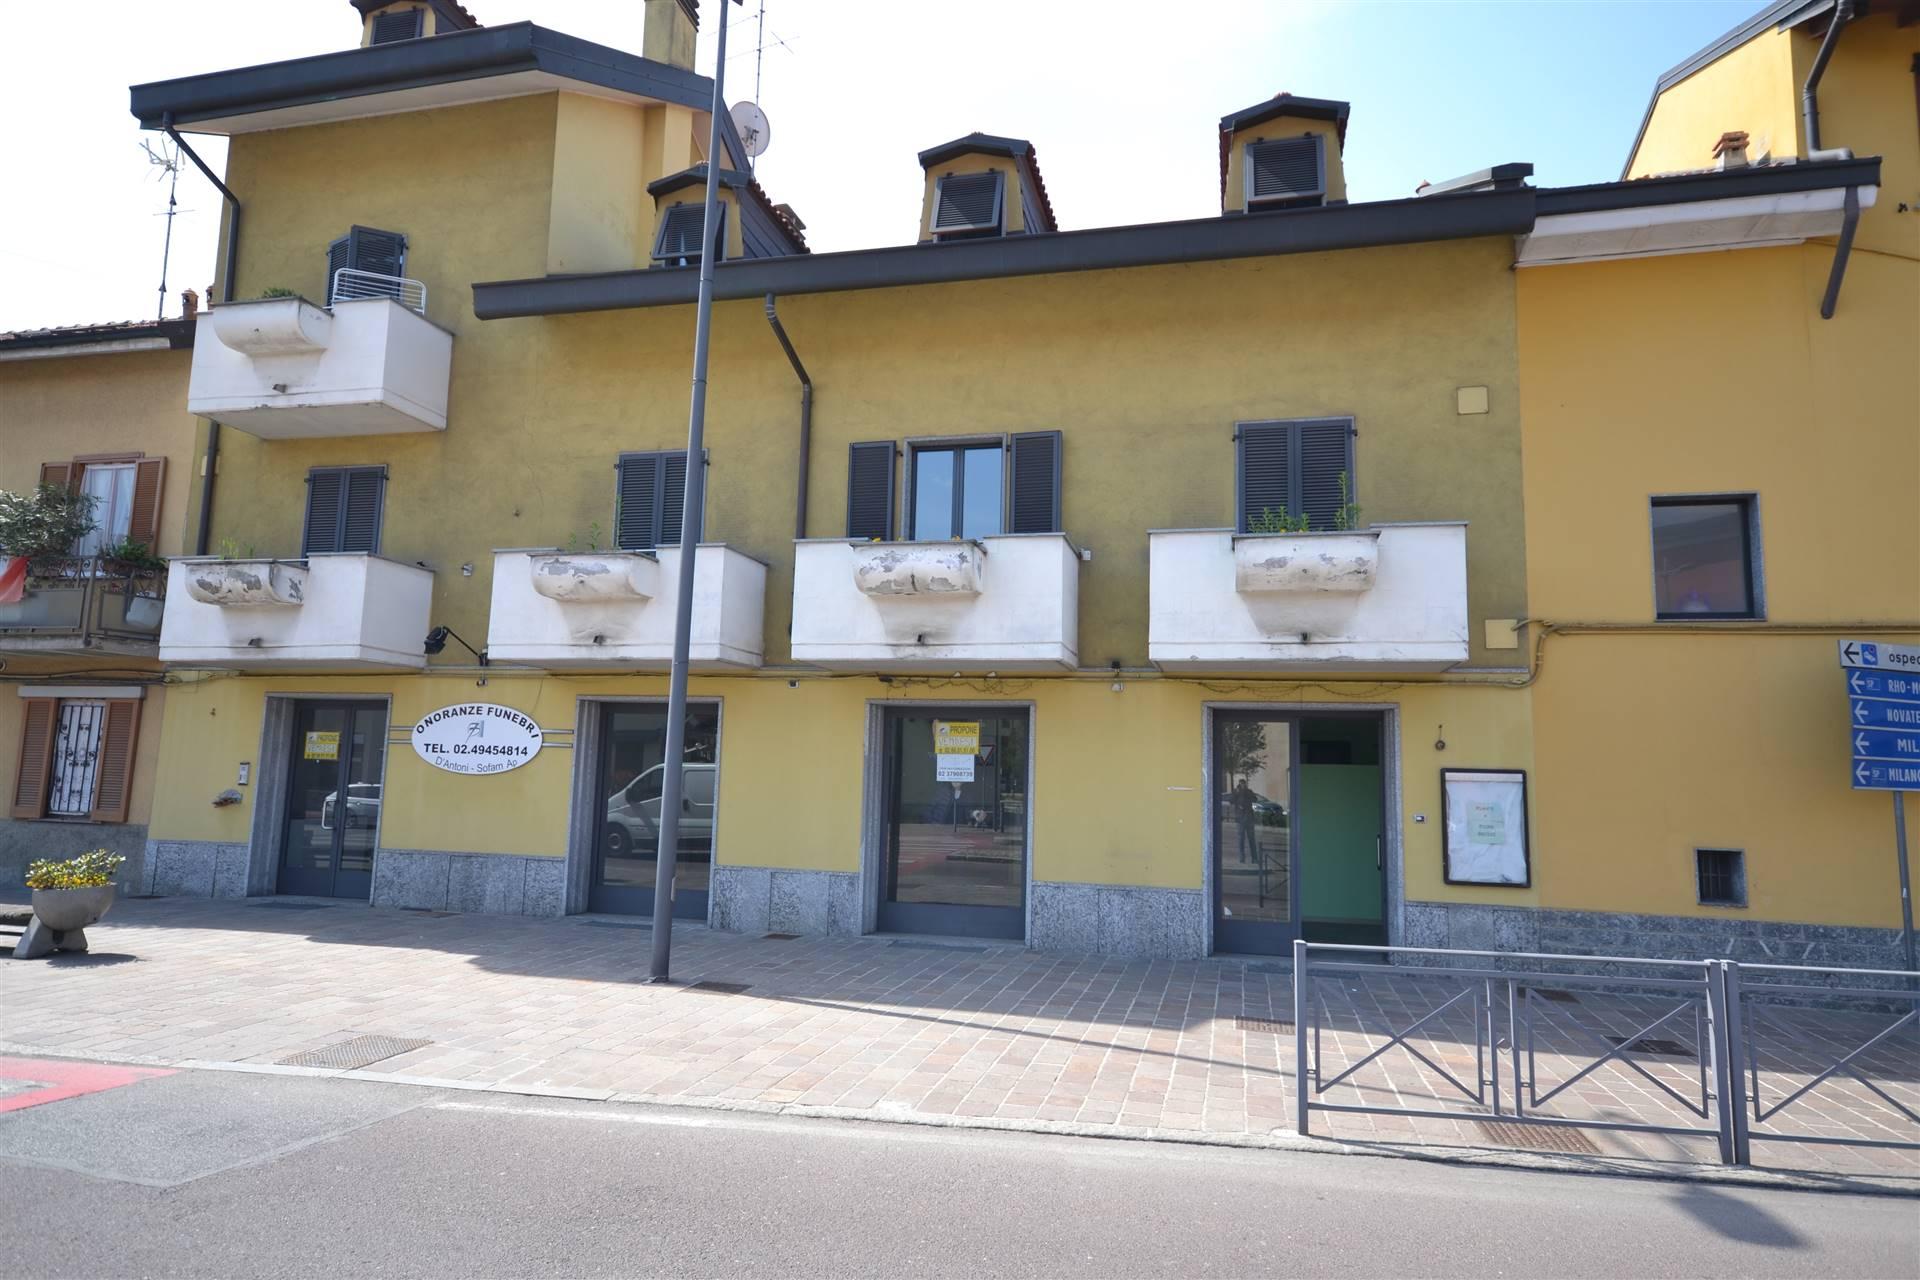 Negozio / Locale in vendita a Bollate, 4 locali, prezzo € 240.000 | PortaleAgenzieImmobiliari.it